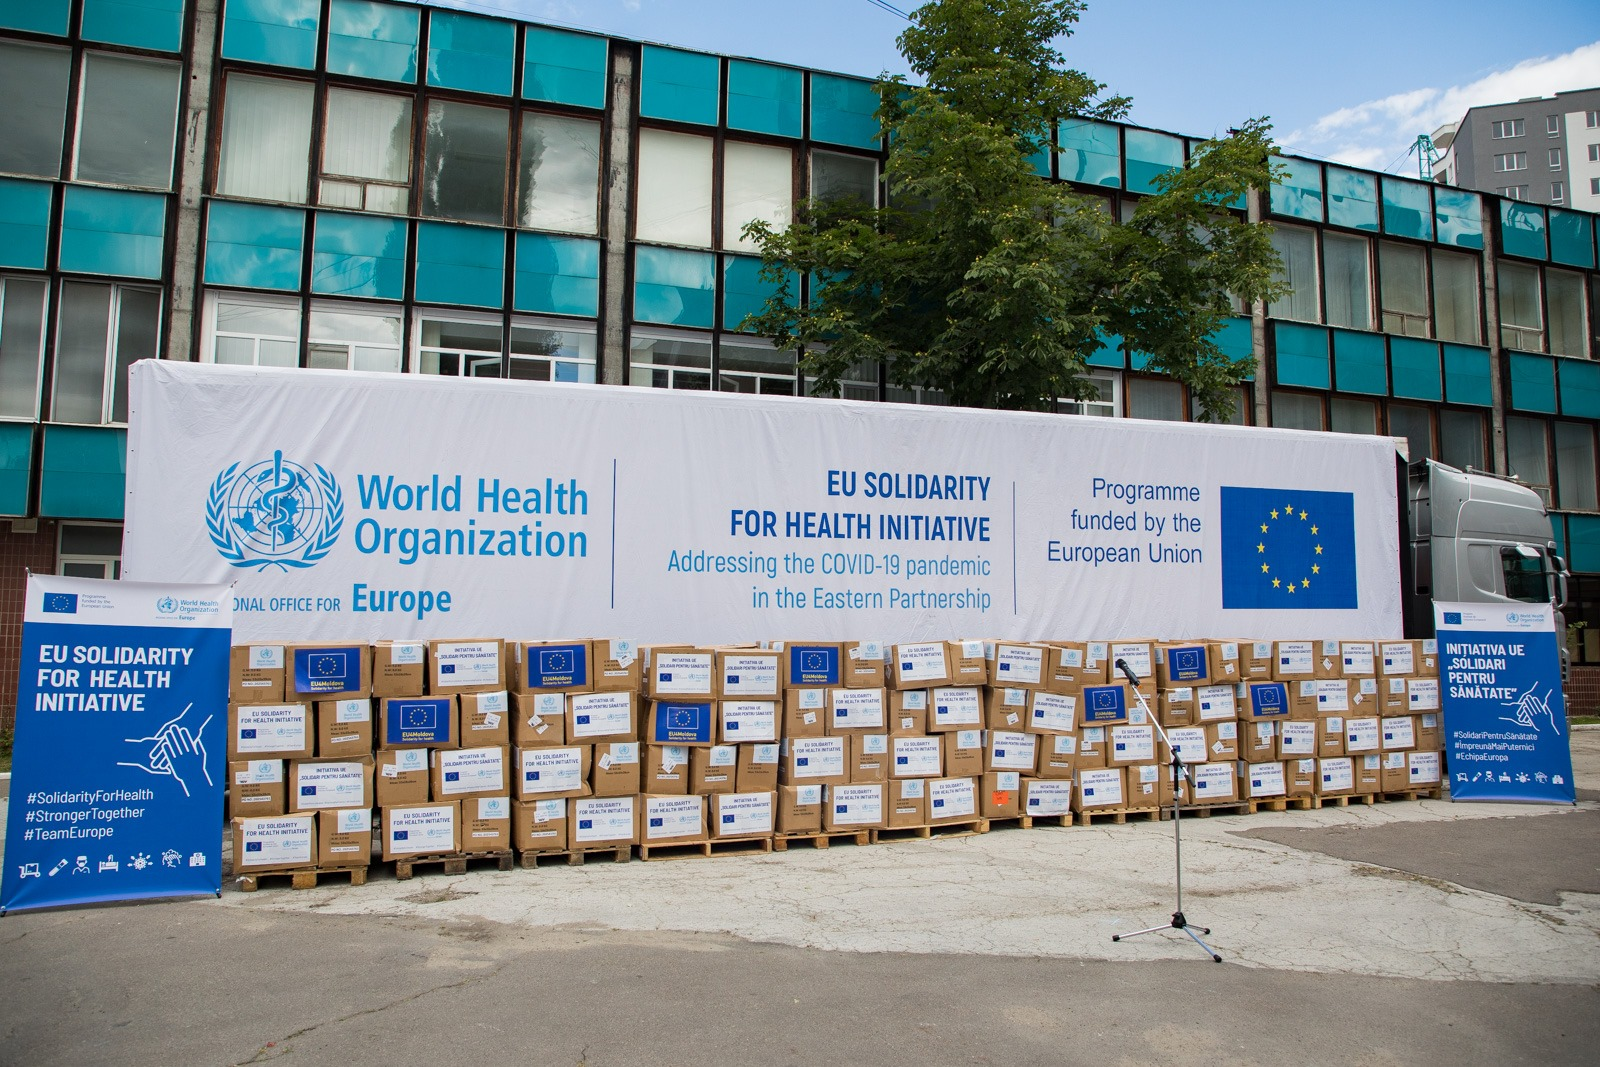 Lot de echipamente medicale în valoare de peste 2,8 milioane euro, oferit Moldovei de către UE și OMS